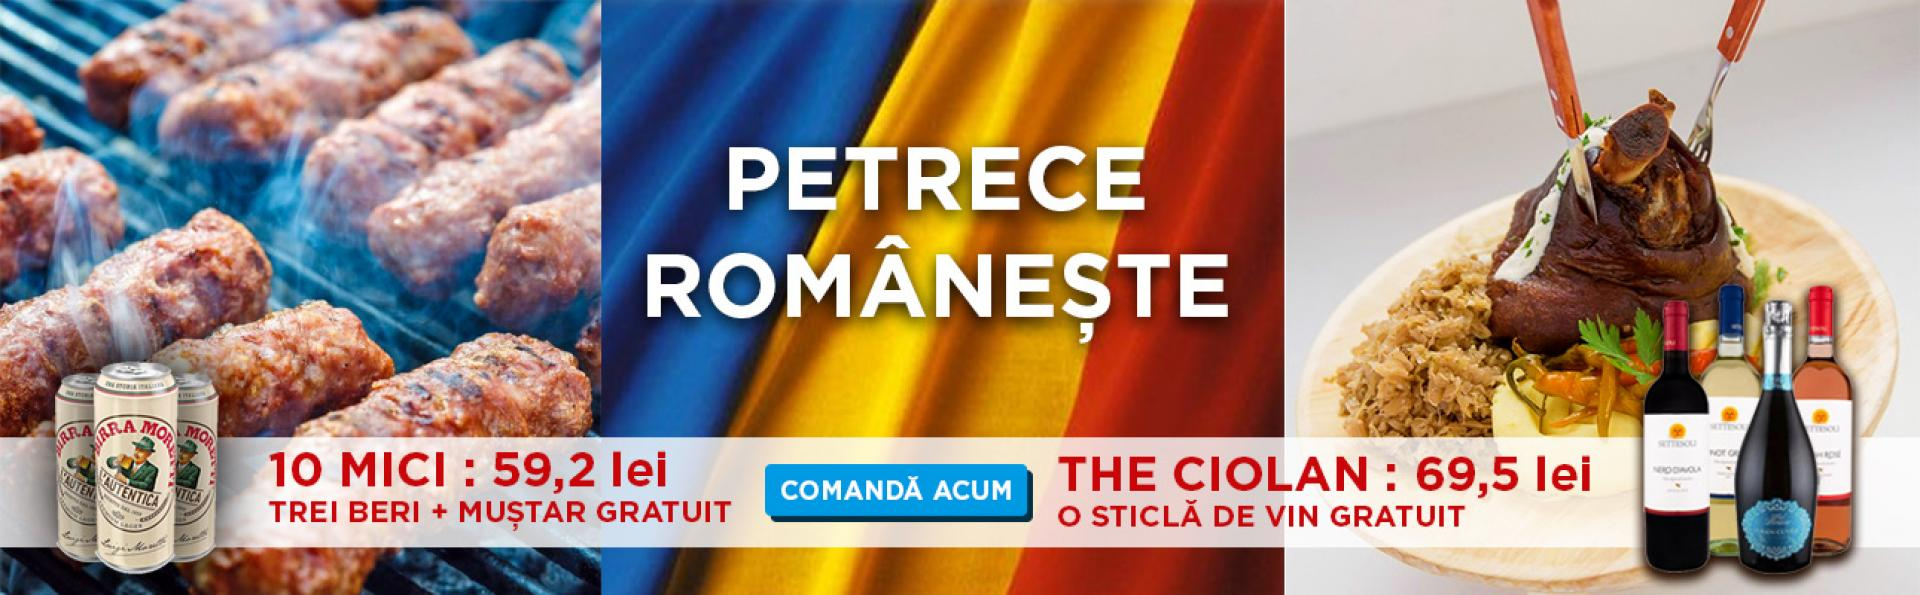 Pertecem româneste